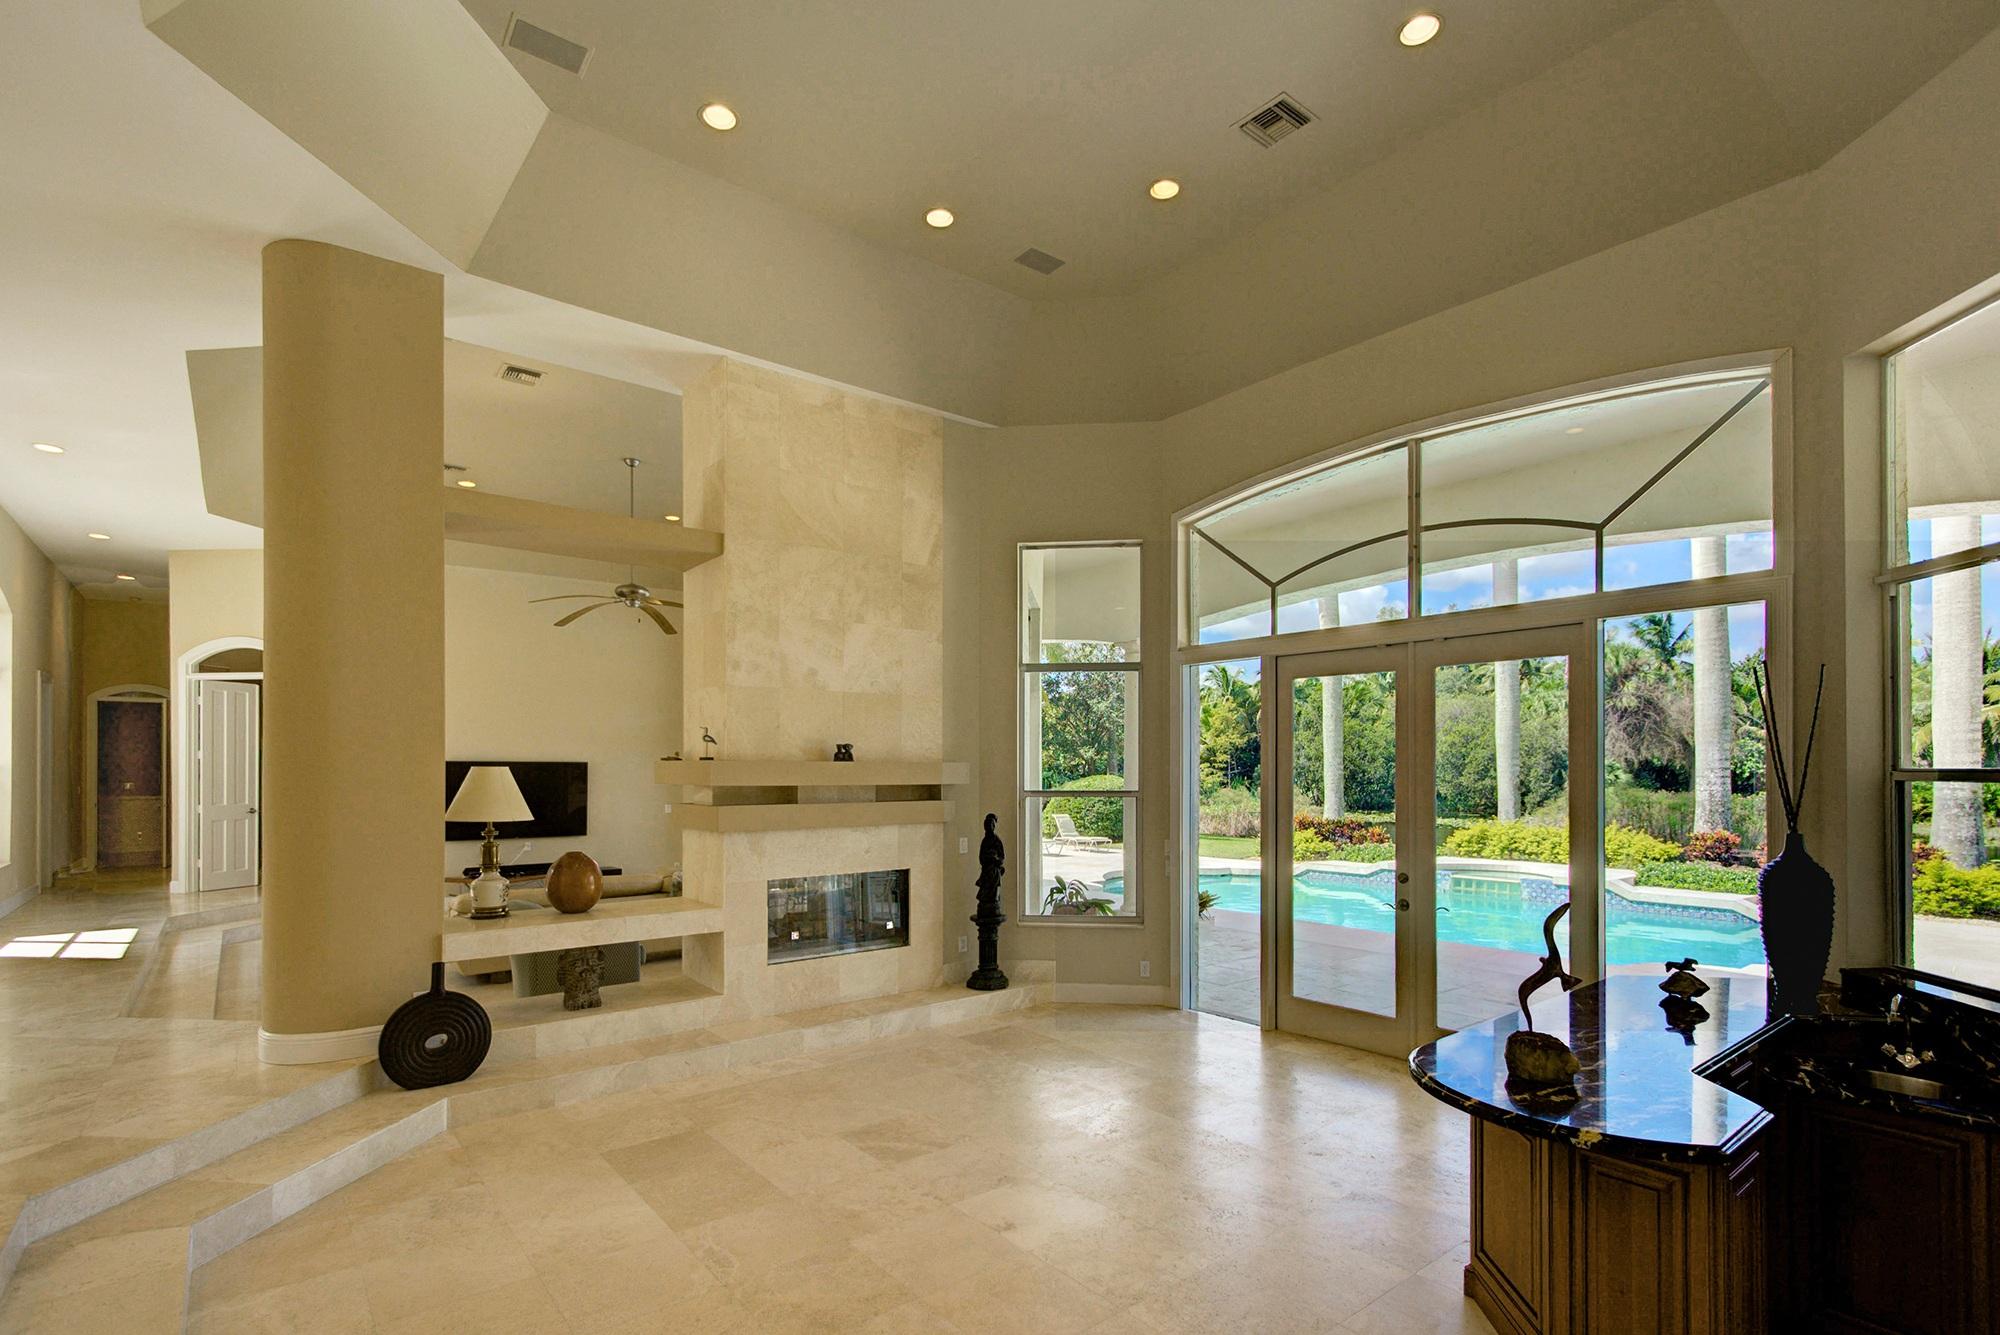 무료 이미지 : 건축물, 맨션, 바닥, 건물, 집, 천장, 난로, 재산 ...